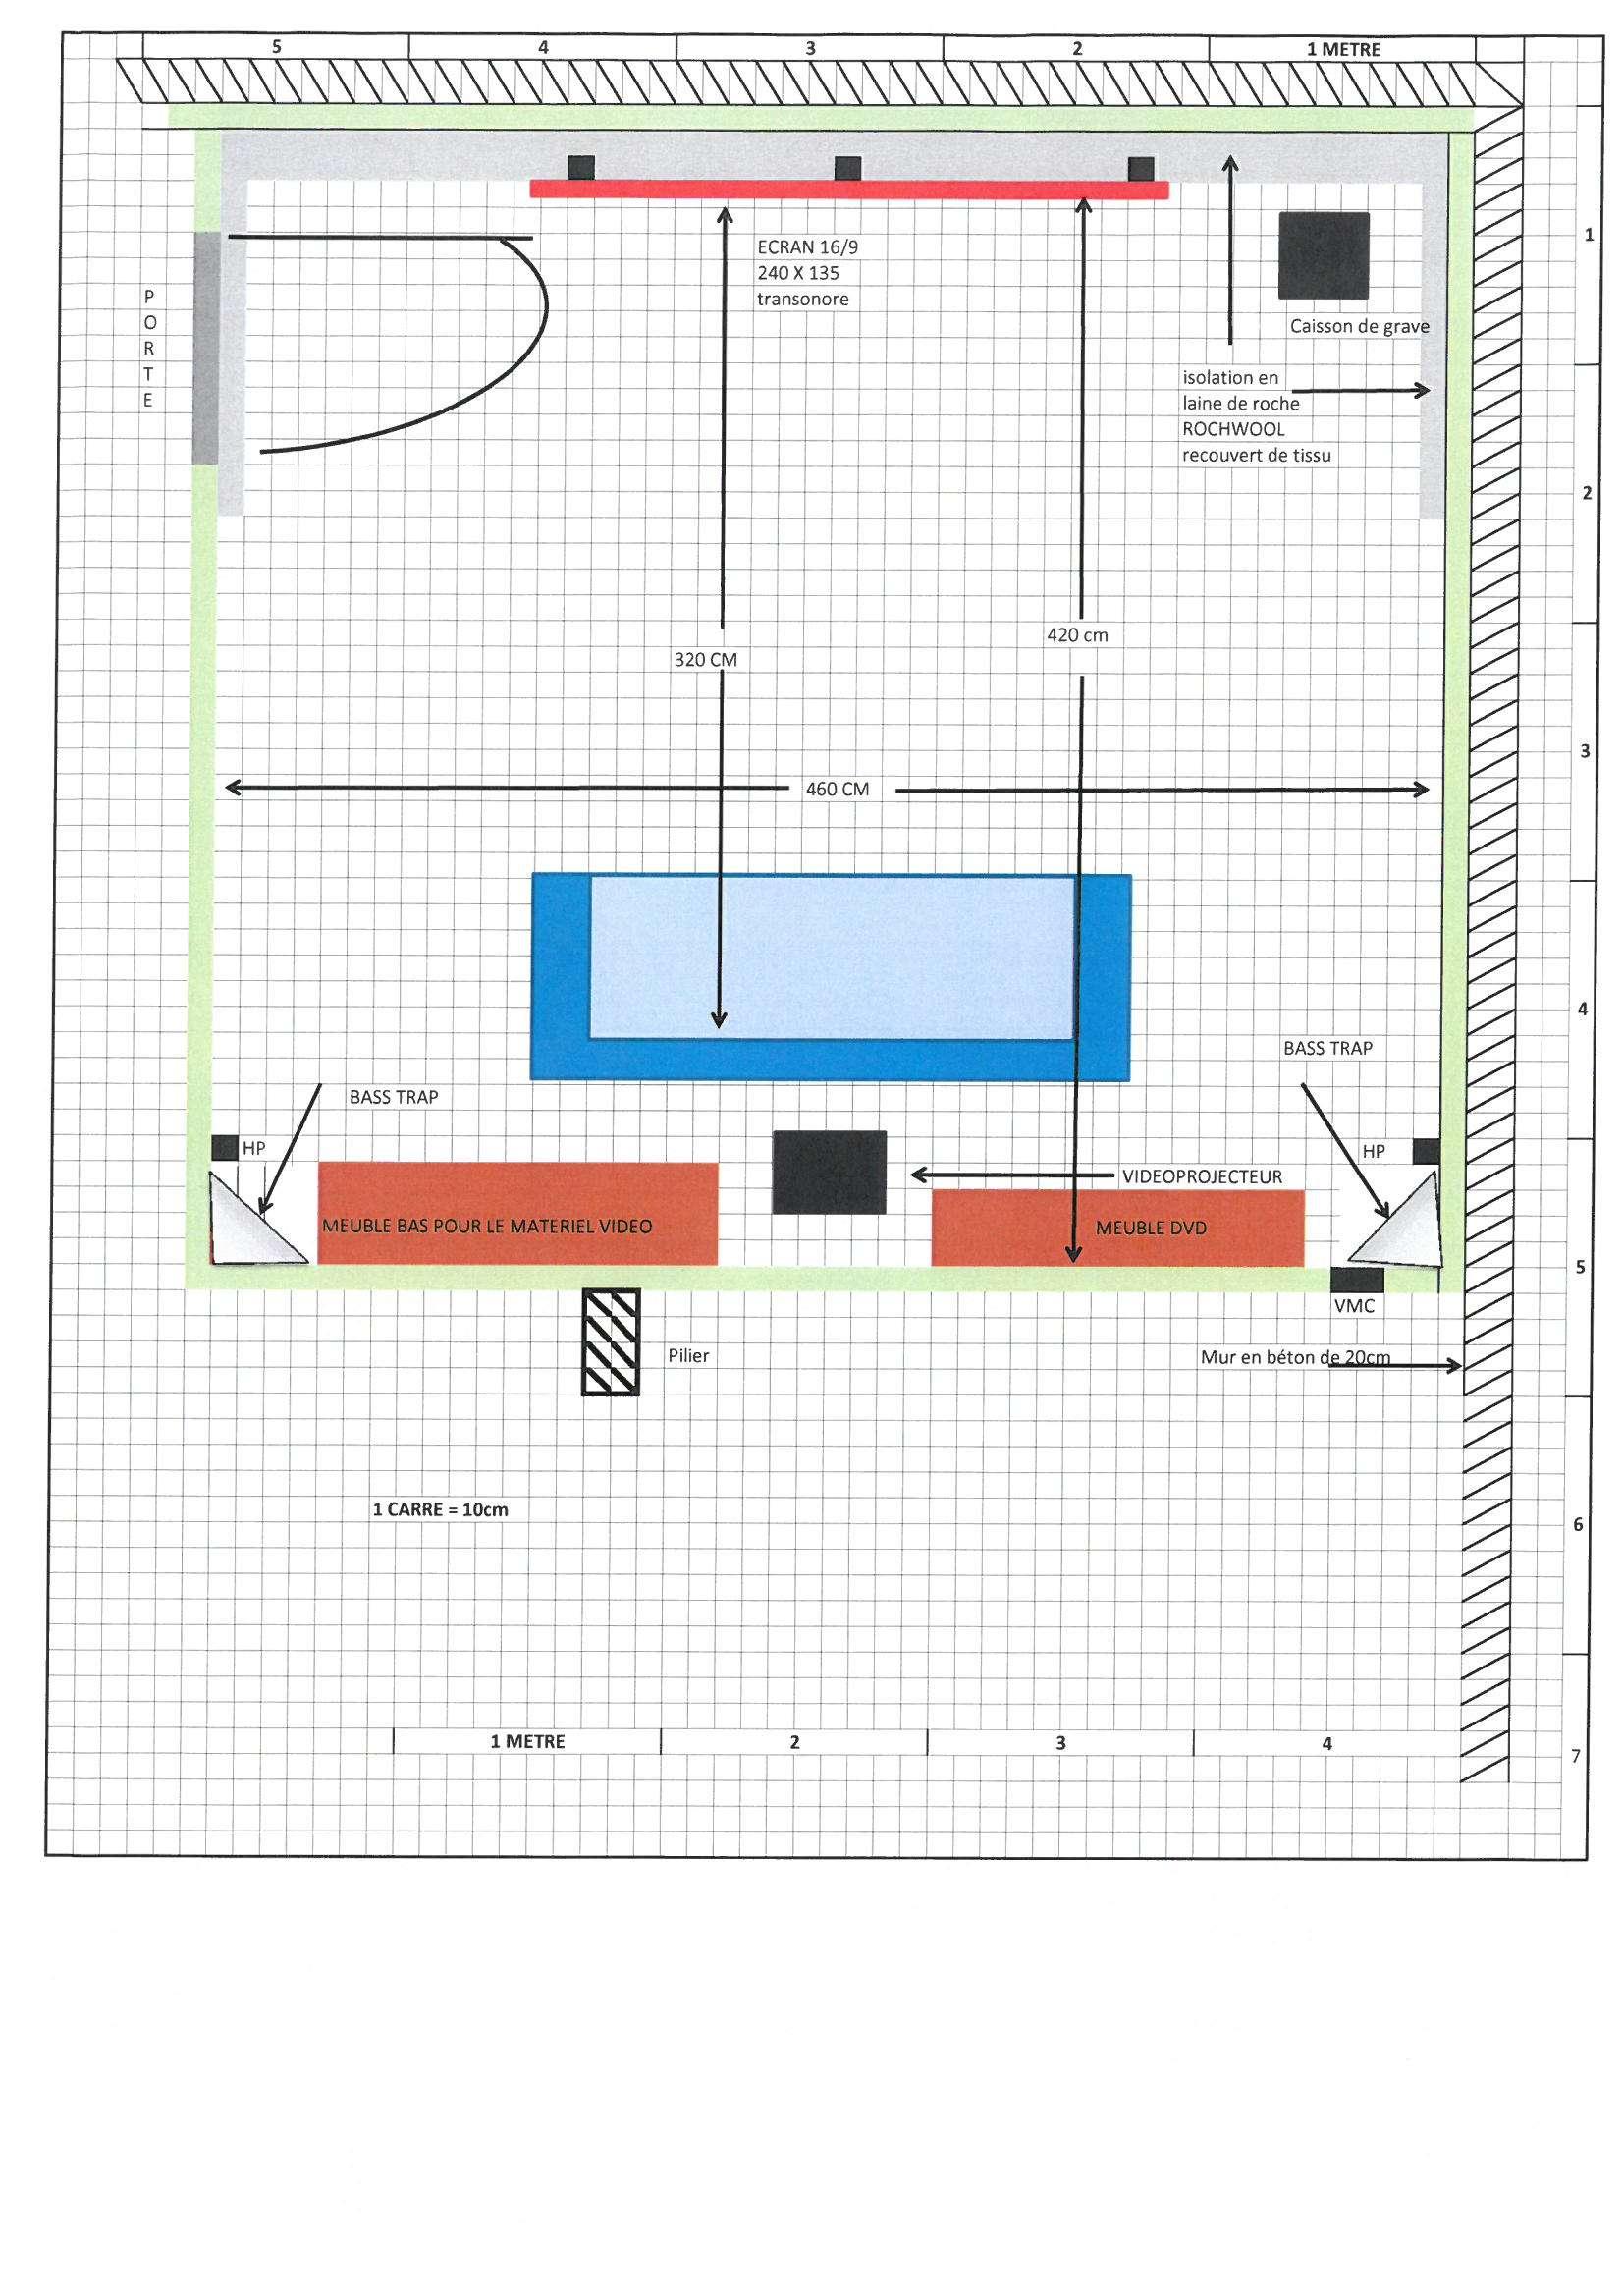 creation salle home cinema/salle de jeux sous sol - page 3